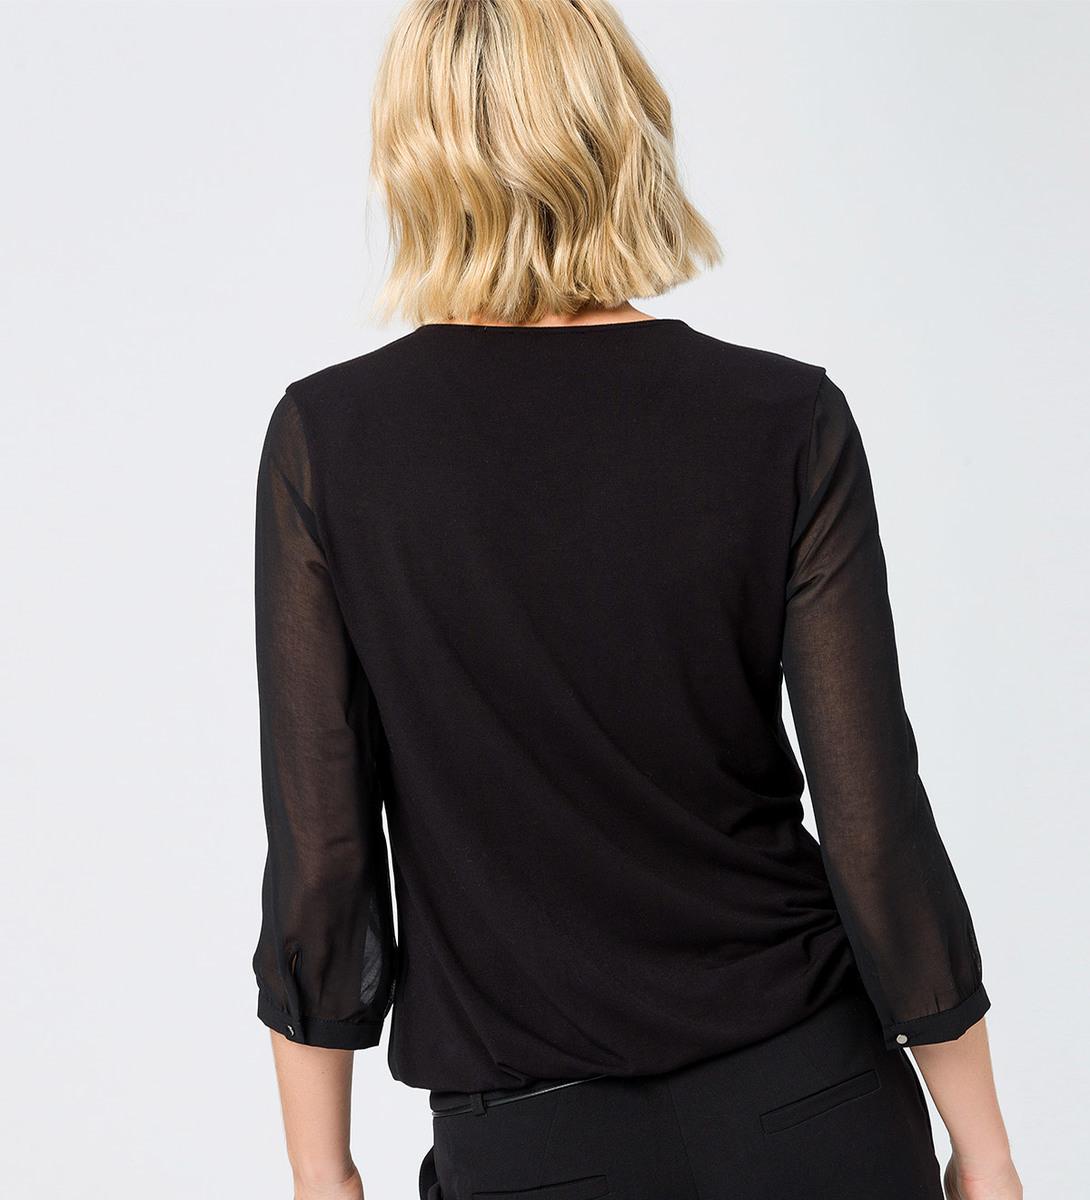 Bluse mit Zierdekor am Ausschnitt in black